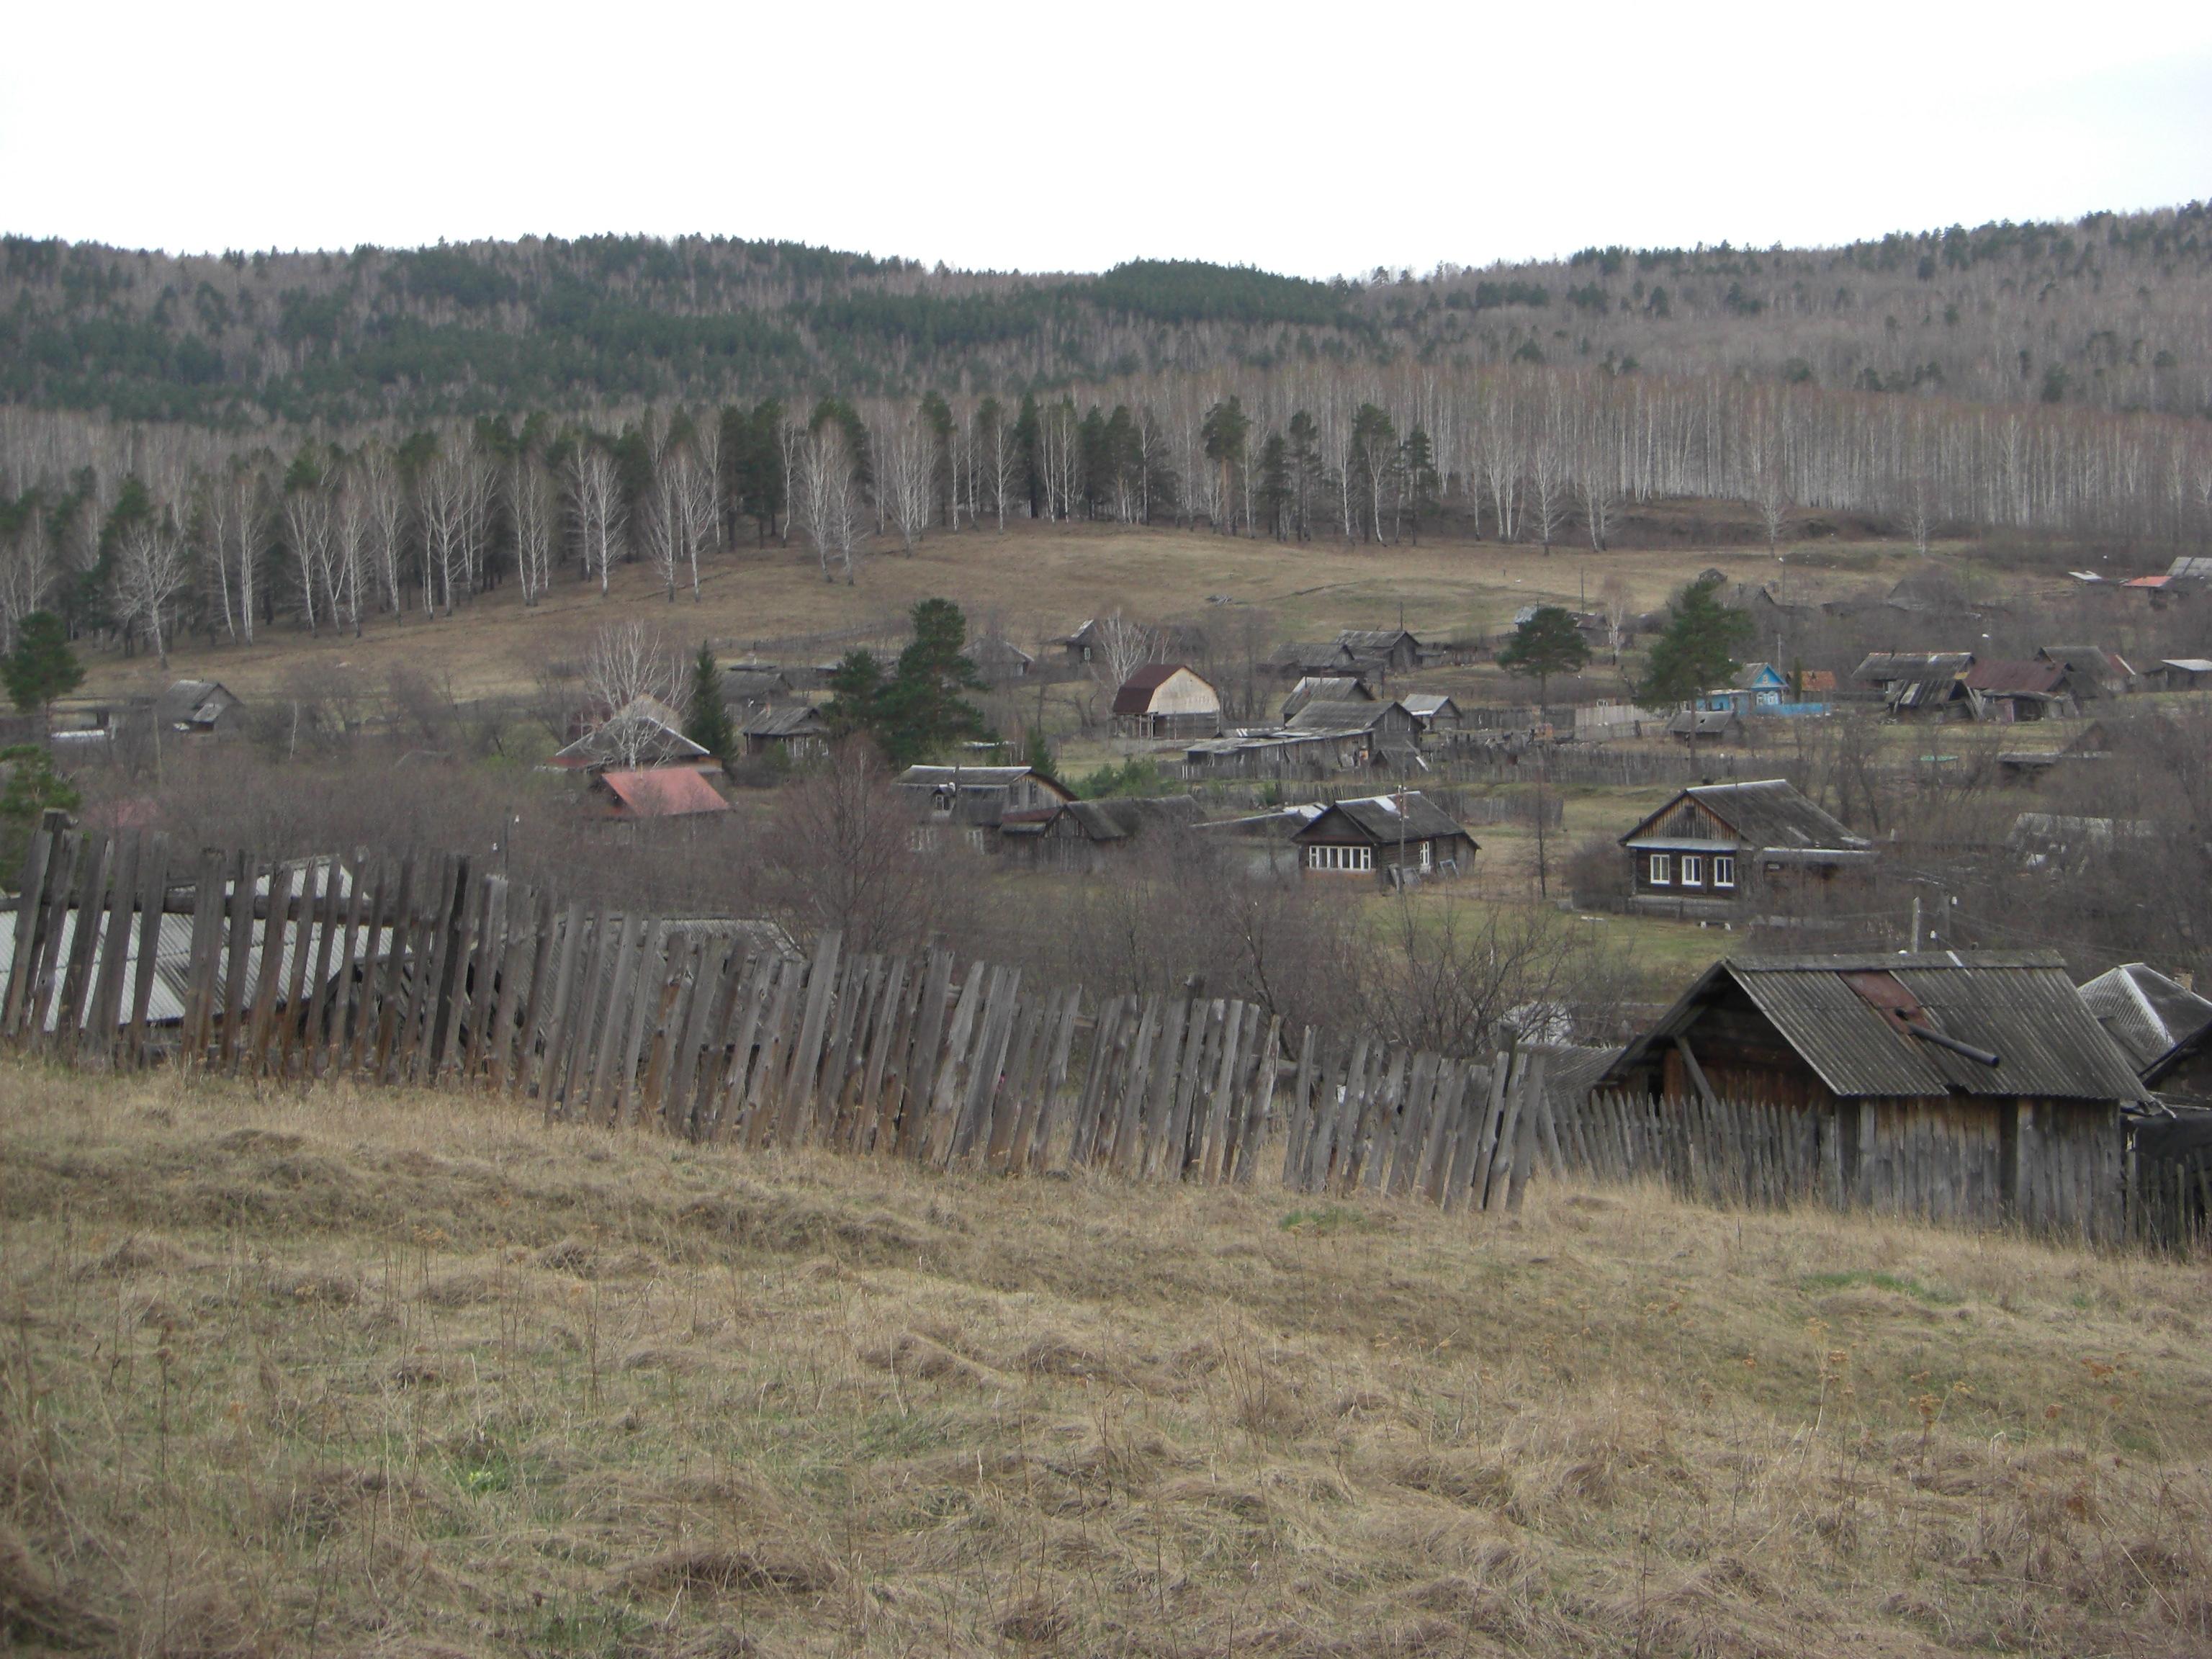 Деревня Силач, из которой мы отправились на Шихан (13.05.2014)